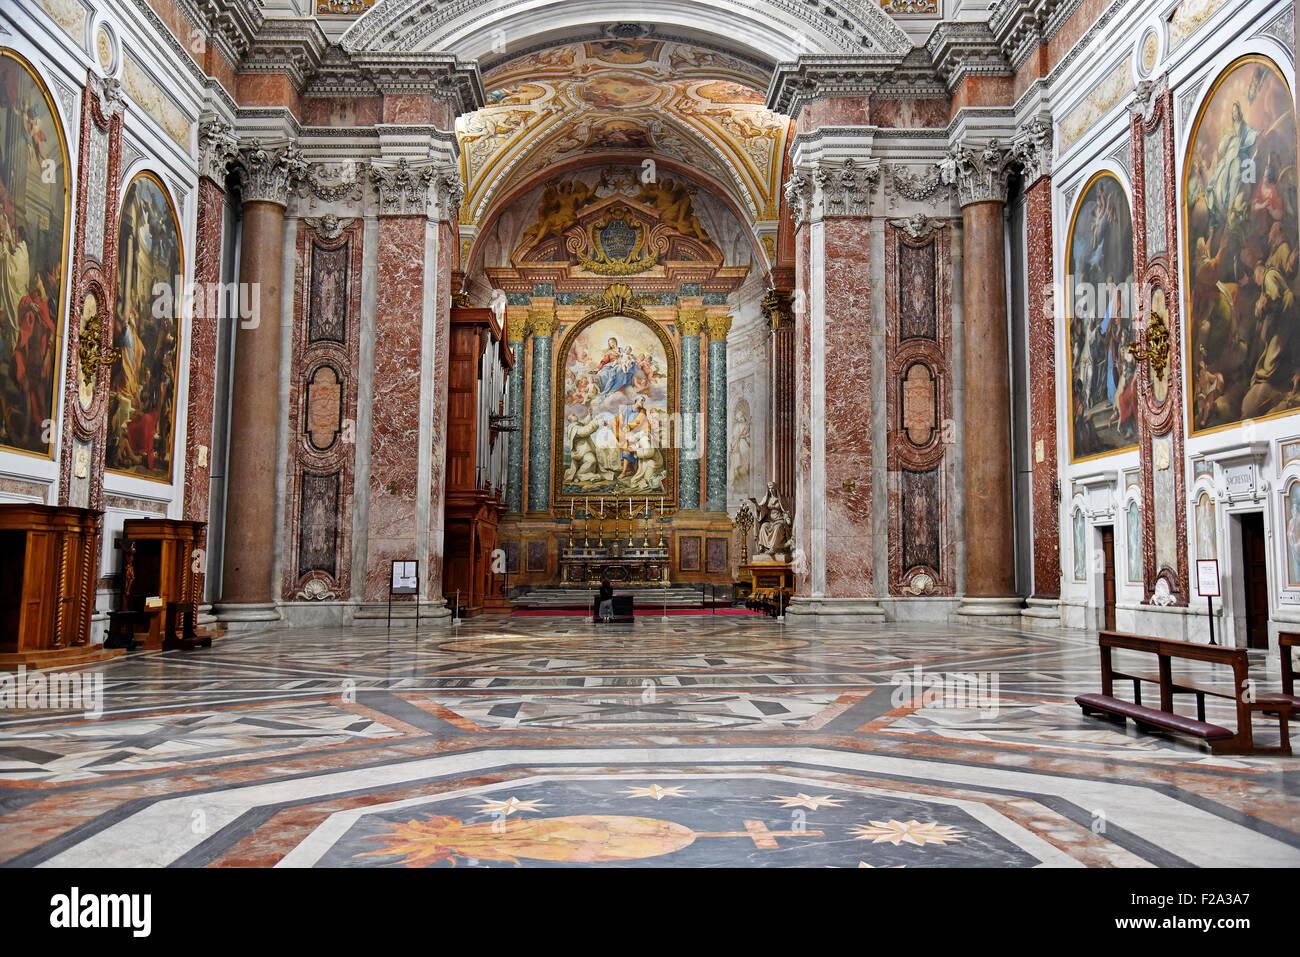 Basilica di Santa Maria degli Angeli e dei Martiri, Basilica, Rome, Lazio, Italy - Stock Image